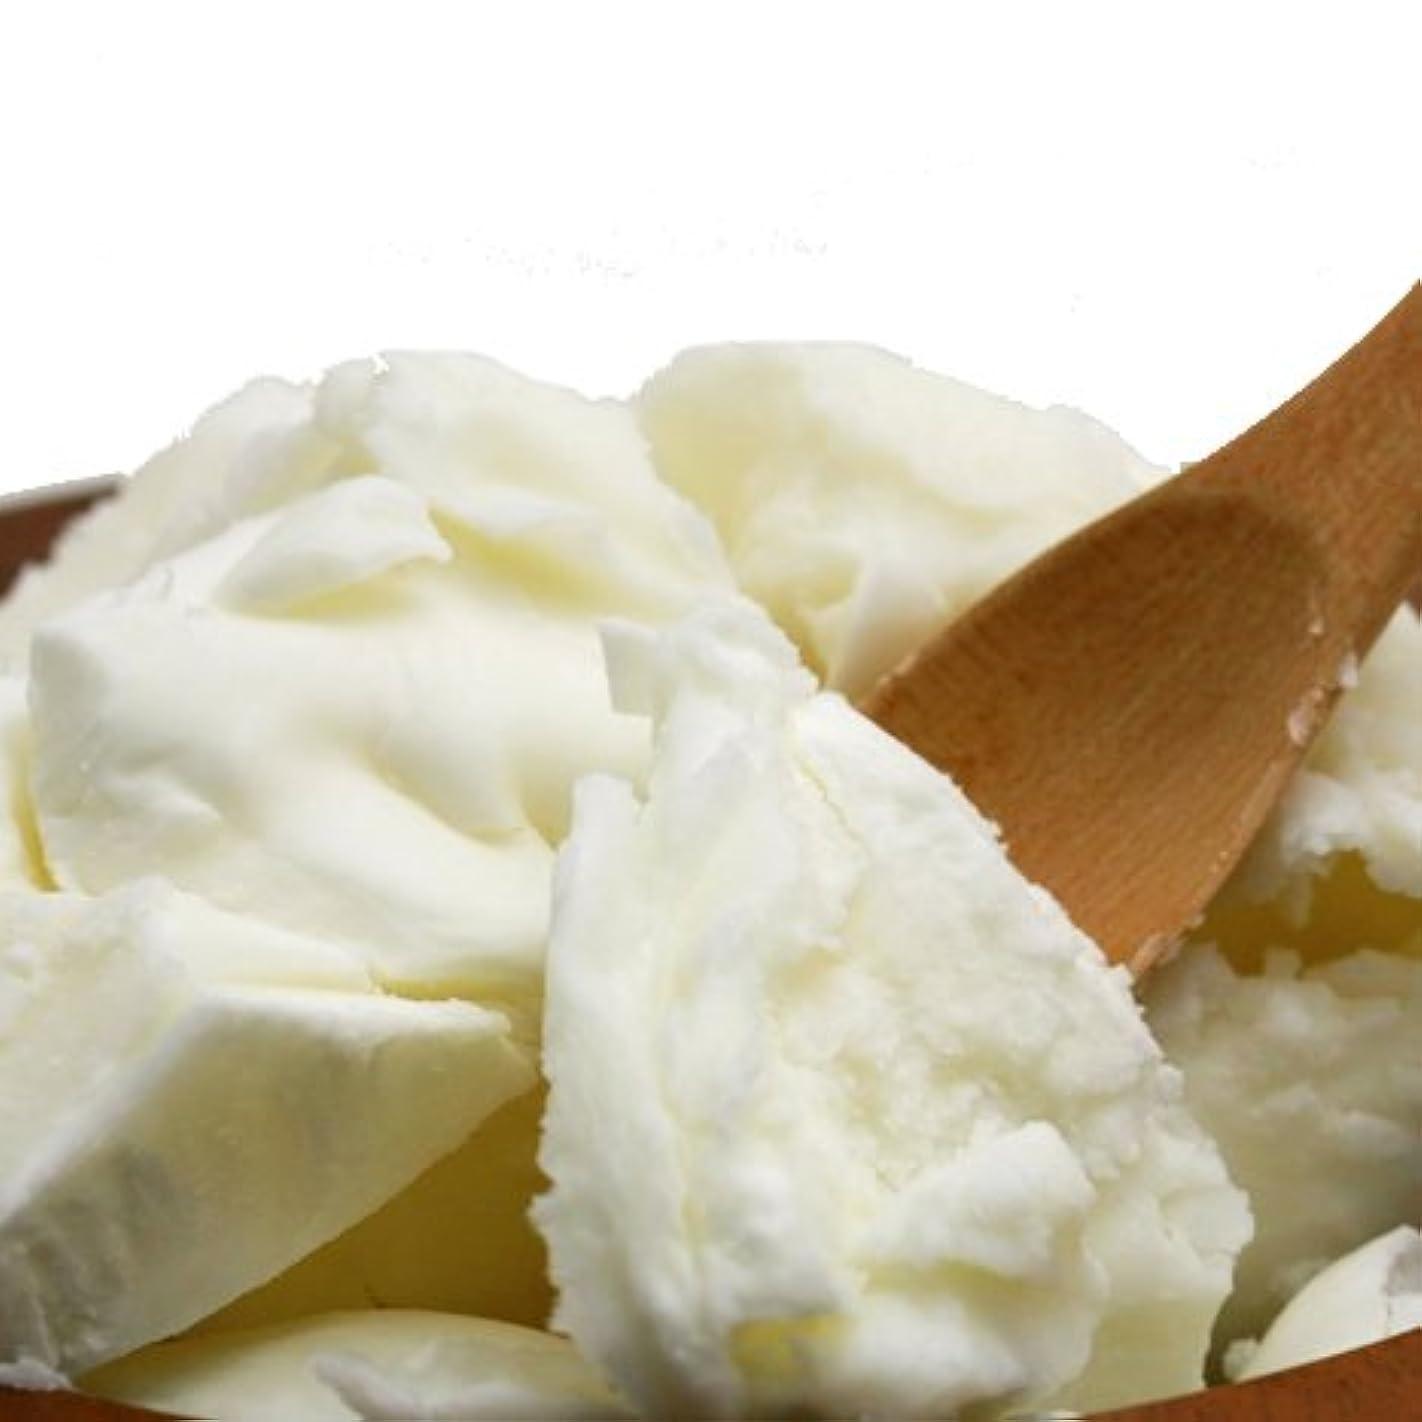 オーガニック 精製シアバター 100g シア脂 【手作り石鹸/手作りコスメ/手作り化粧品】